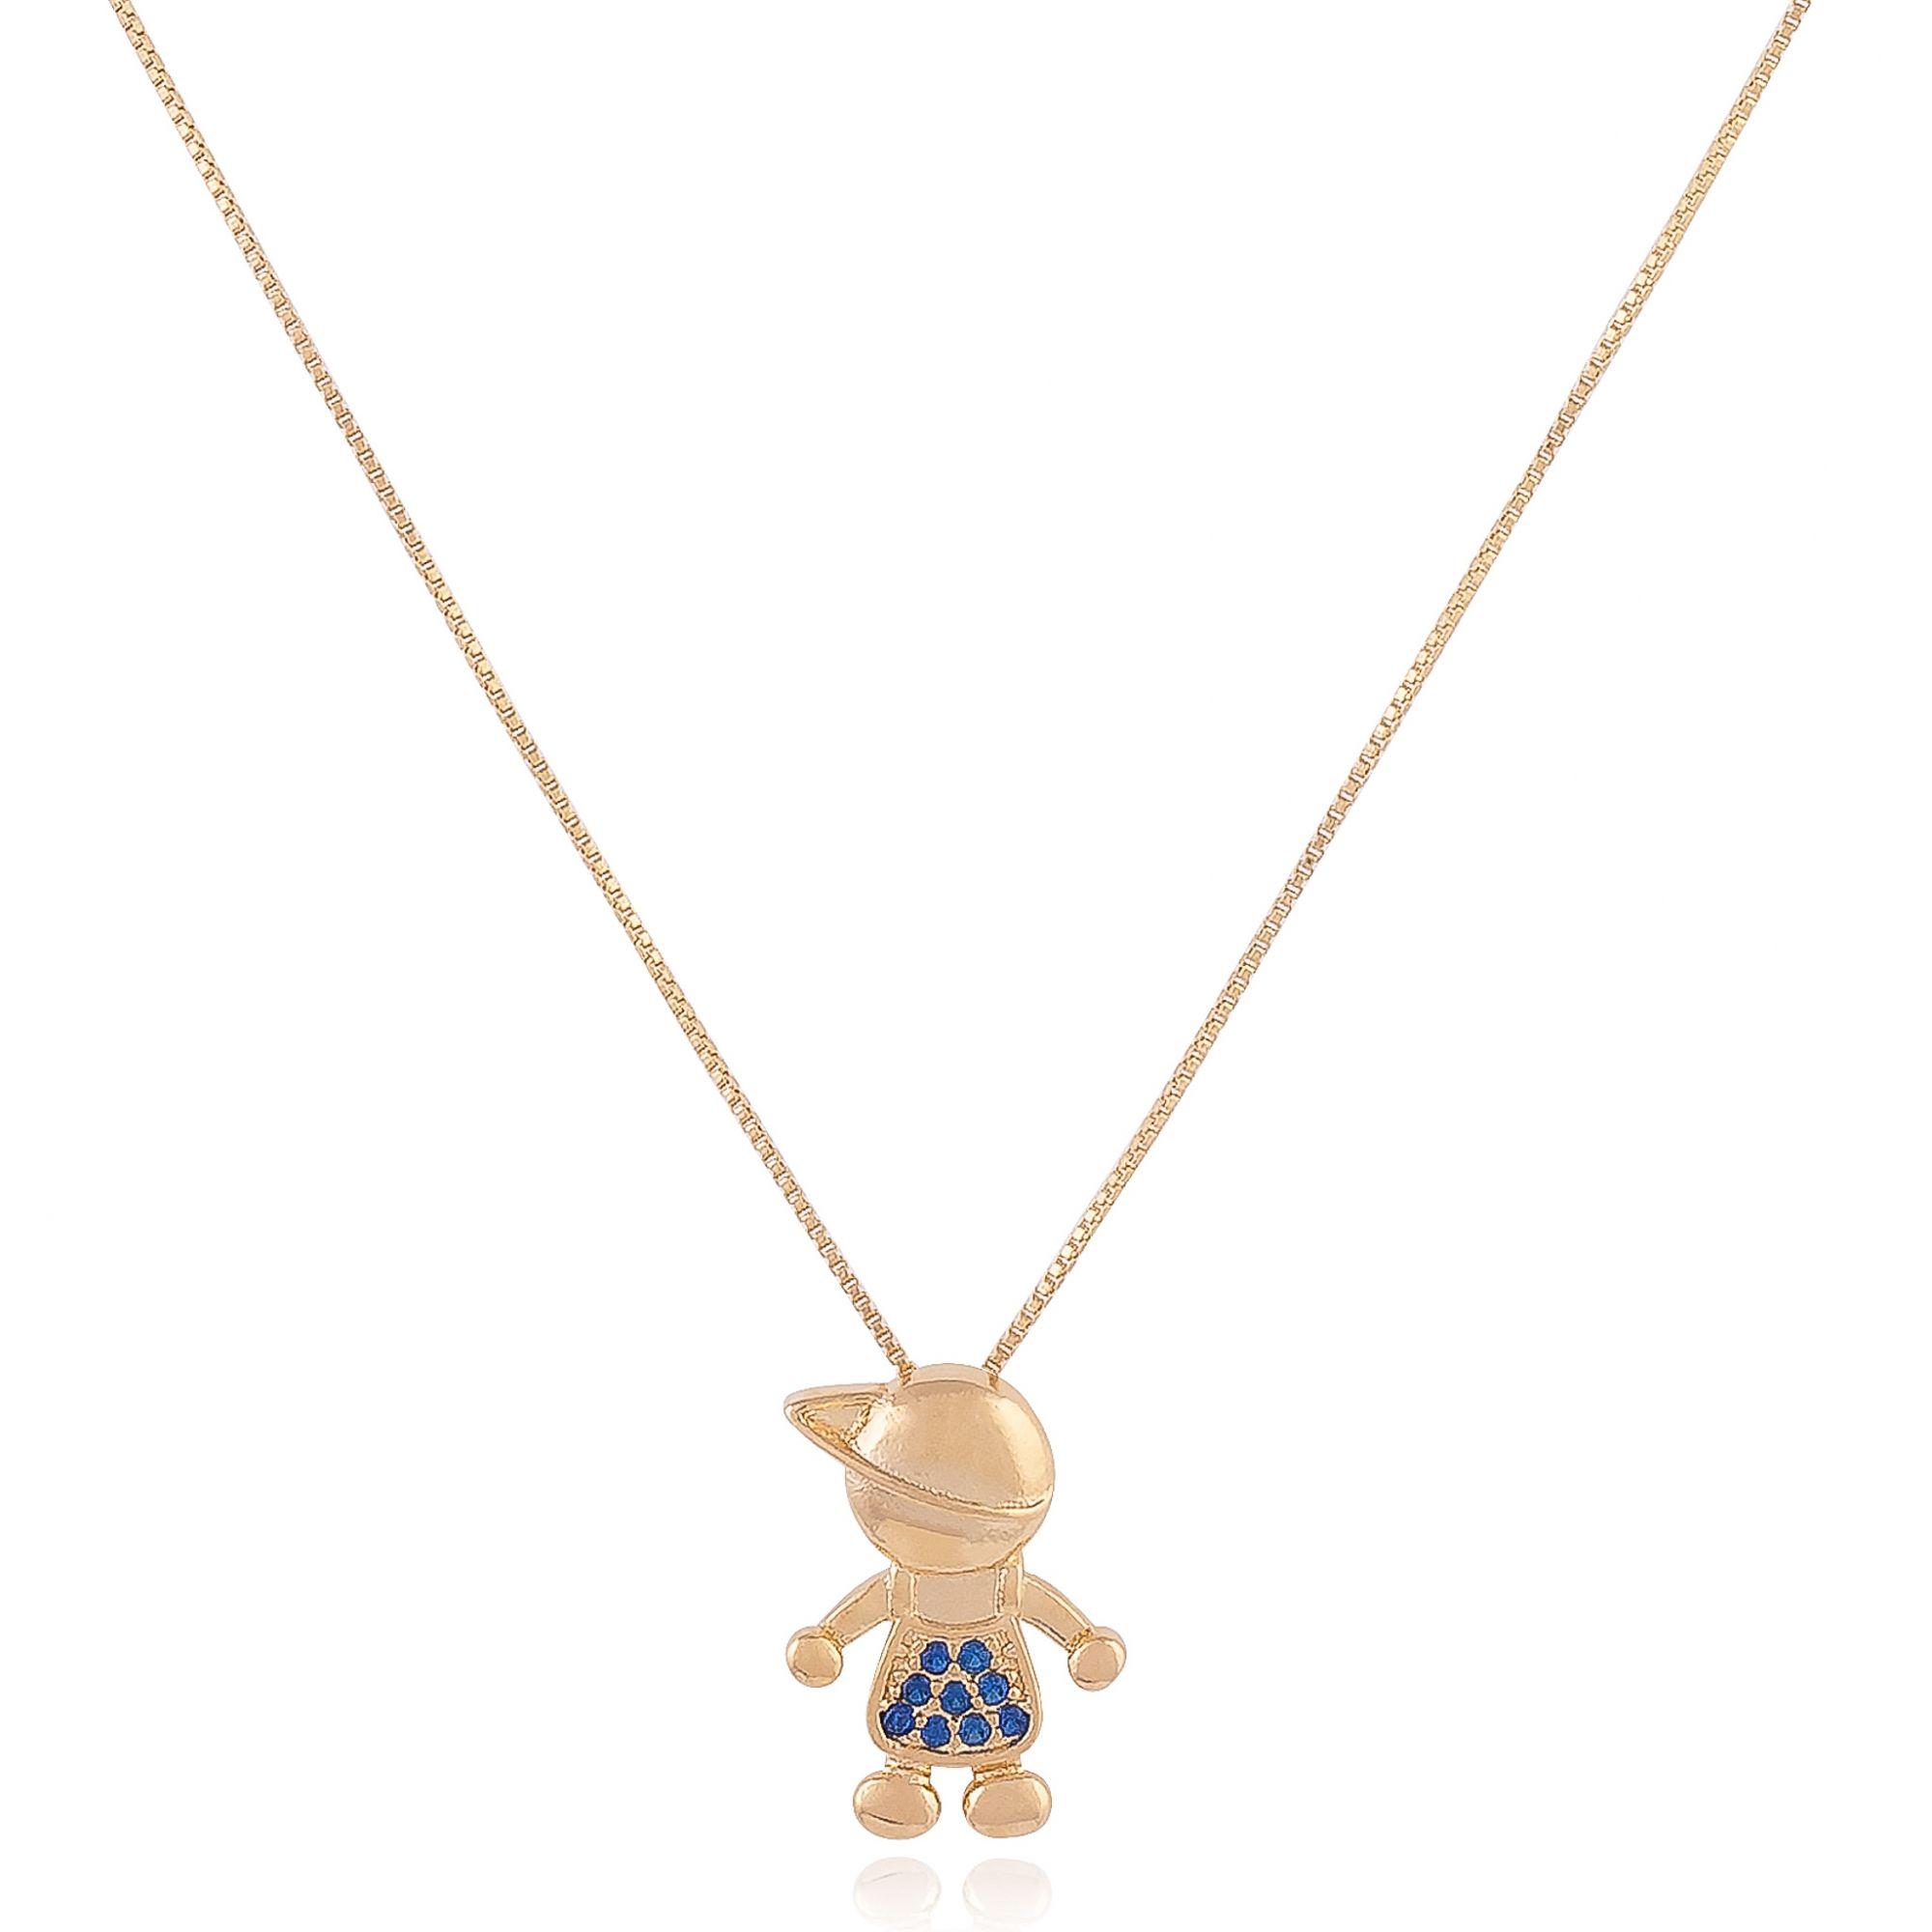 Colar filho com micro zircônias azuis banhado a ouro 18k.  - romabrazil.com.br